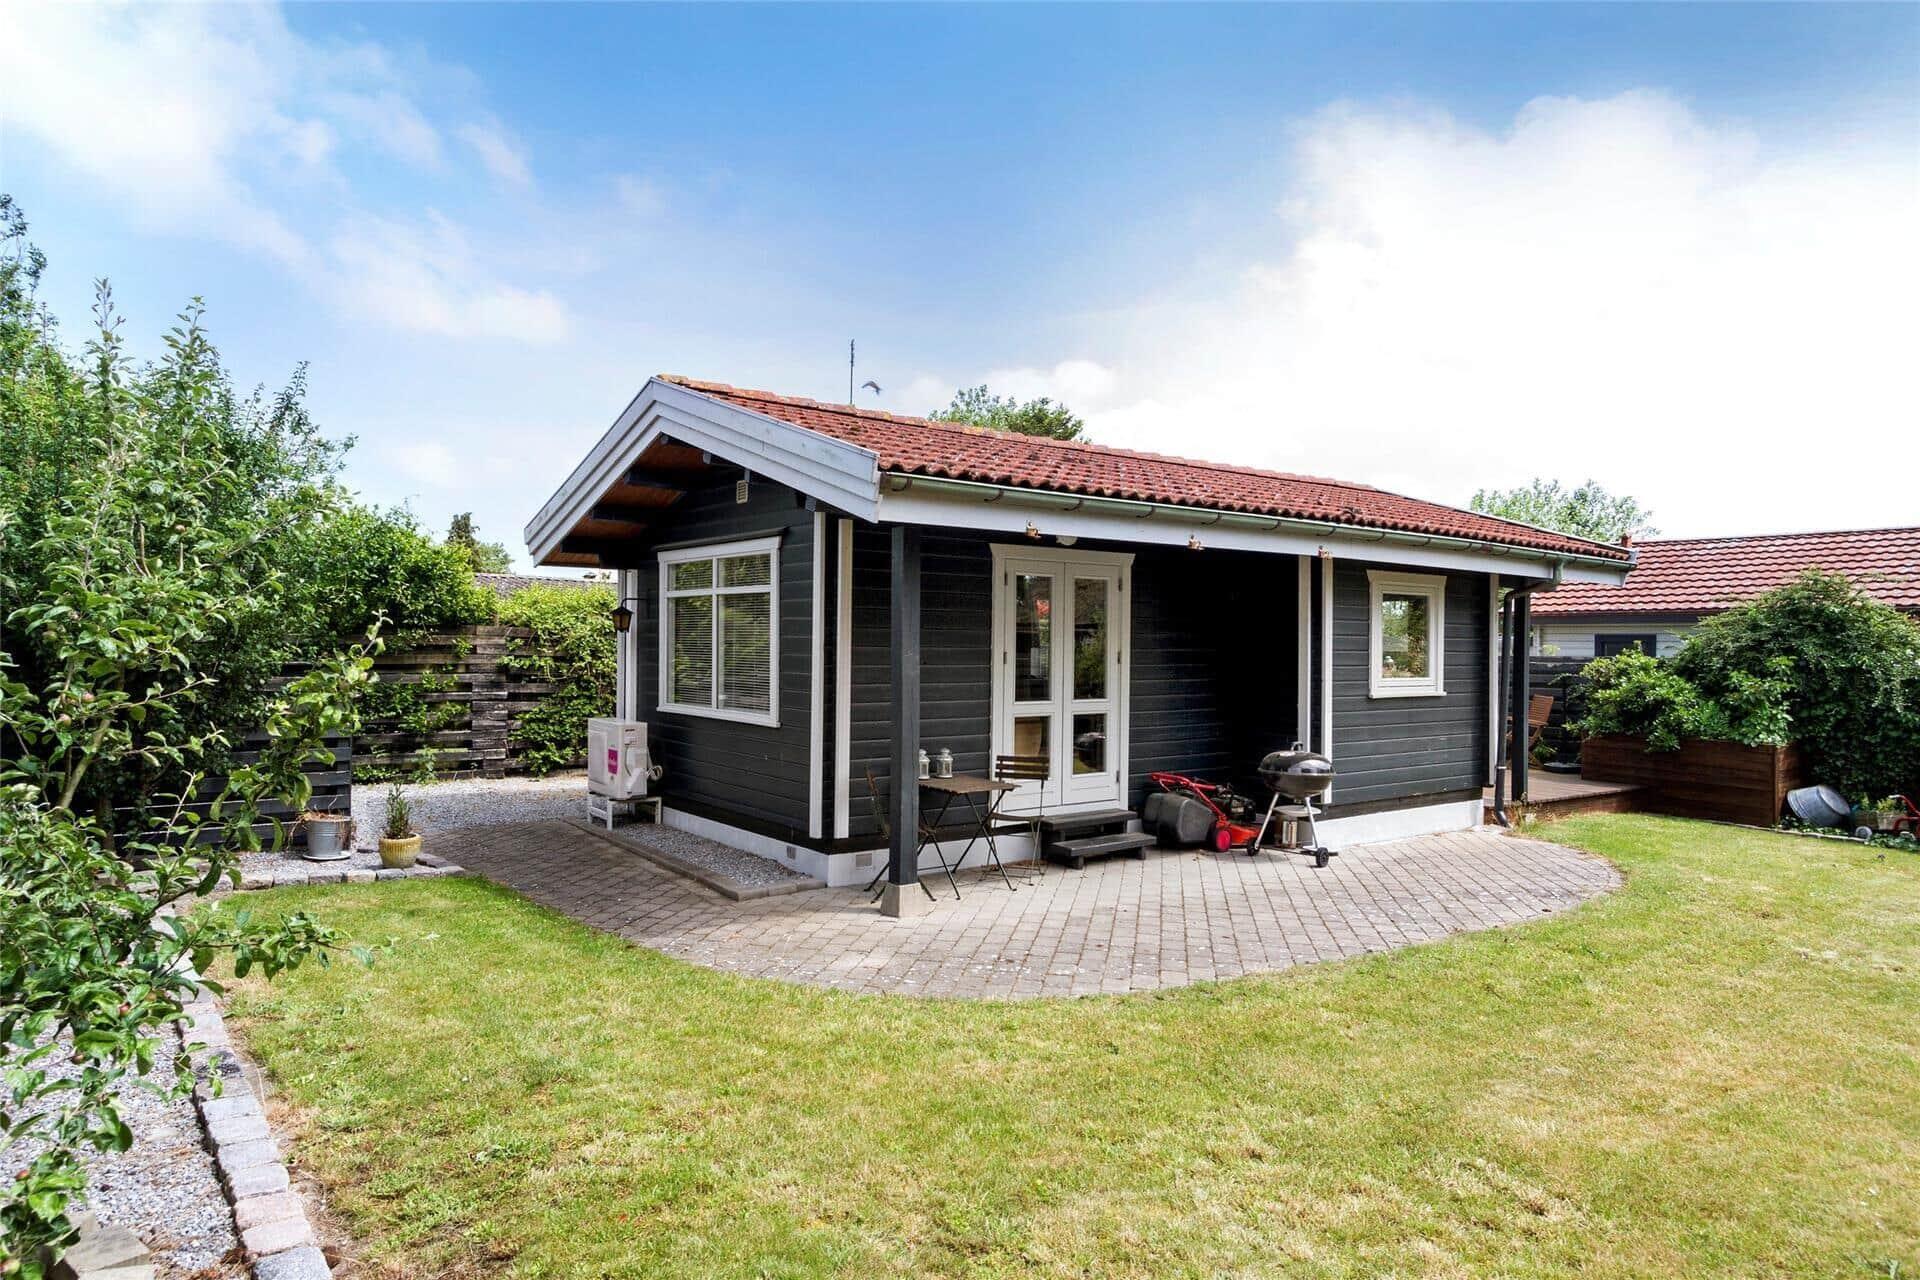 Billede 1-15 Sommerhus 8210, Fyrrevænget 23, DK - 4760 Vordingborg